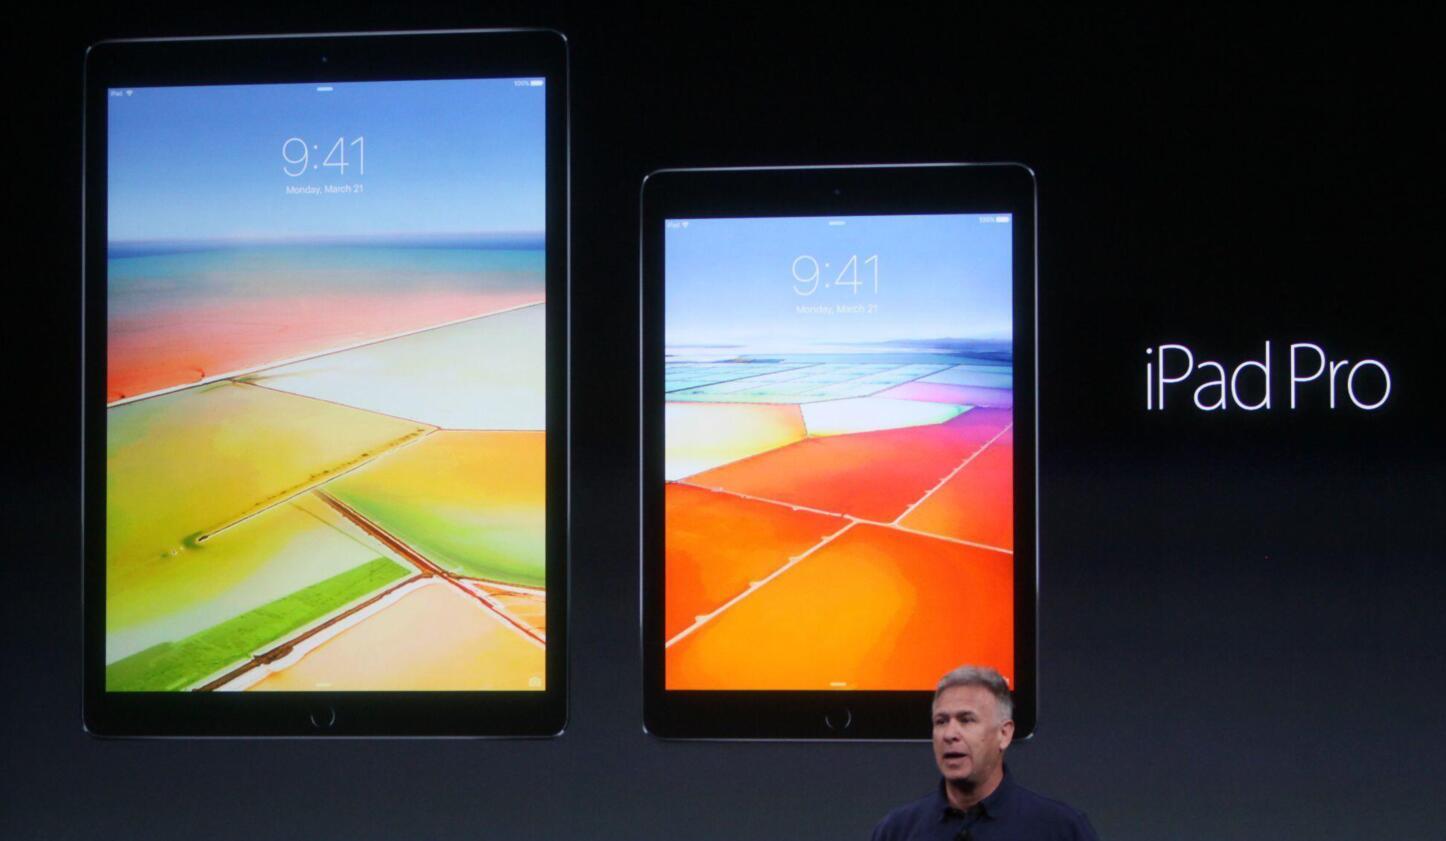 不止于小!9.7 英寸小号 iPad Pro 登场